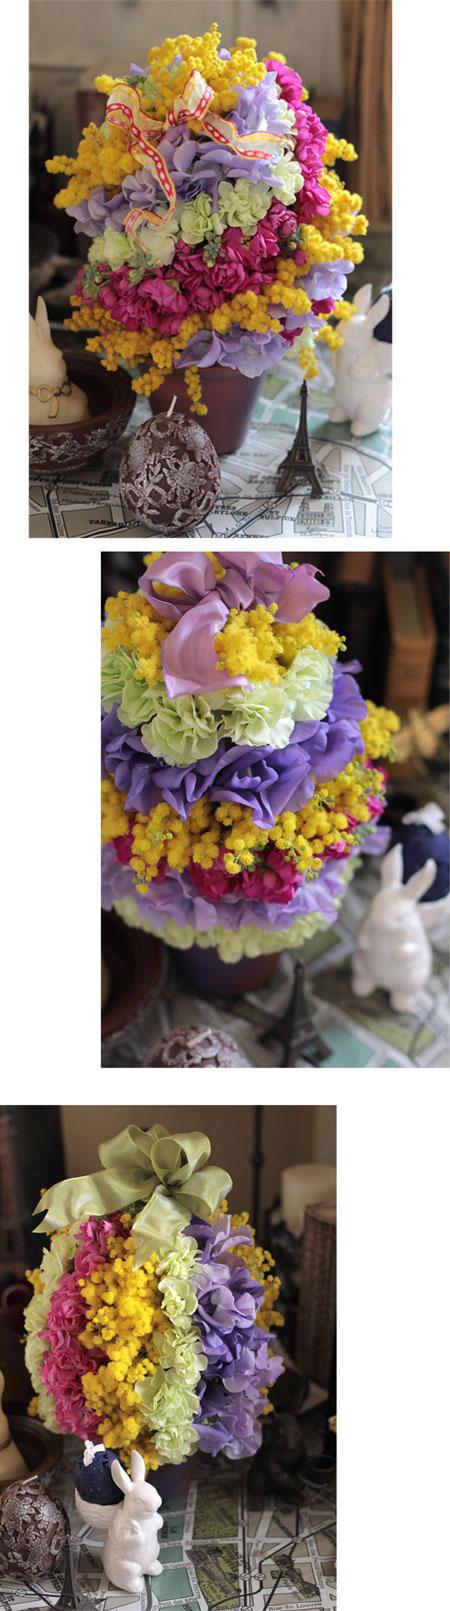 mars lesson  Floral Egg_f0127281_235817.jpg